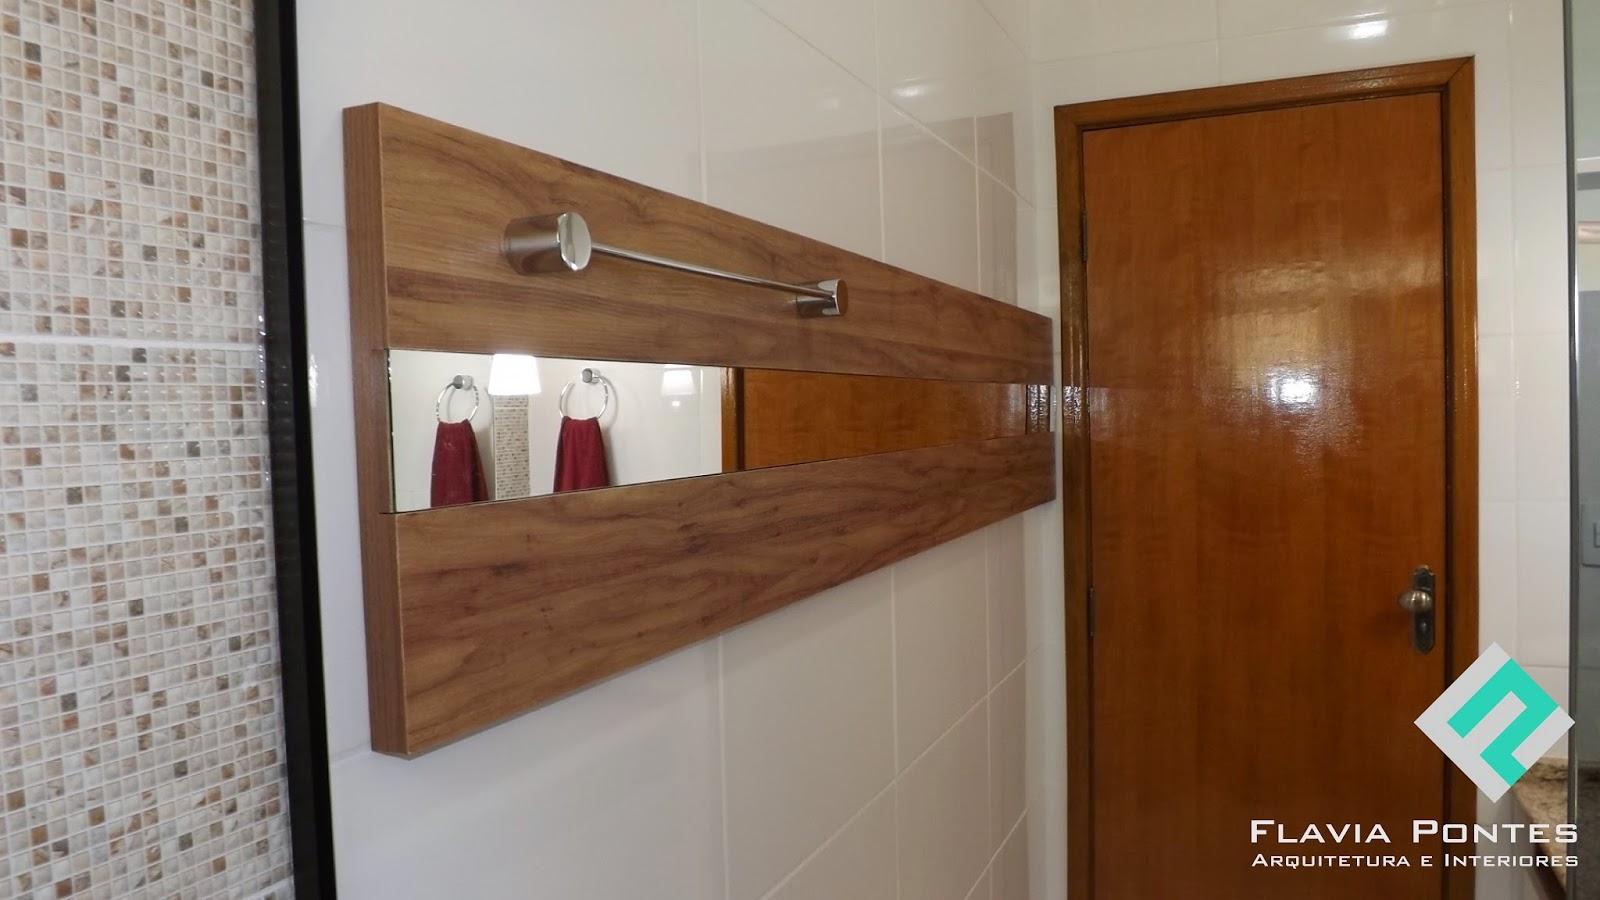 Flavia Pontes Arquitetura: Abril 2014 #22A993 1600x900 Banheiro Com Amadeirado